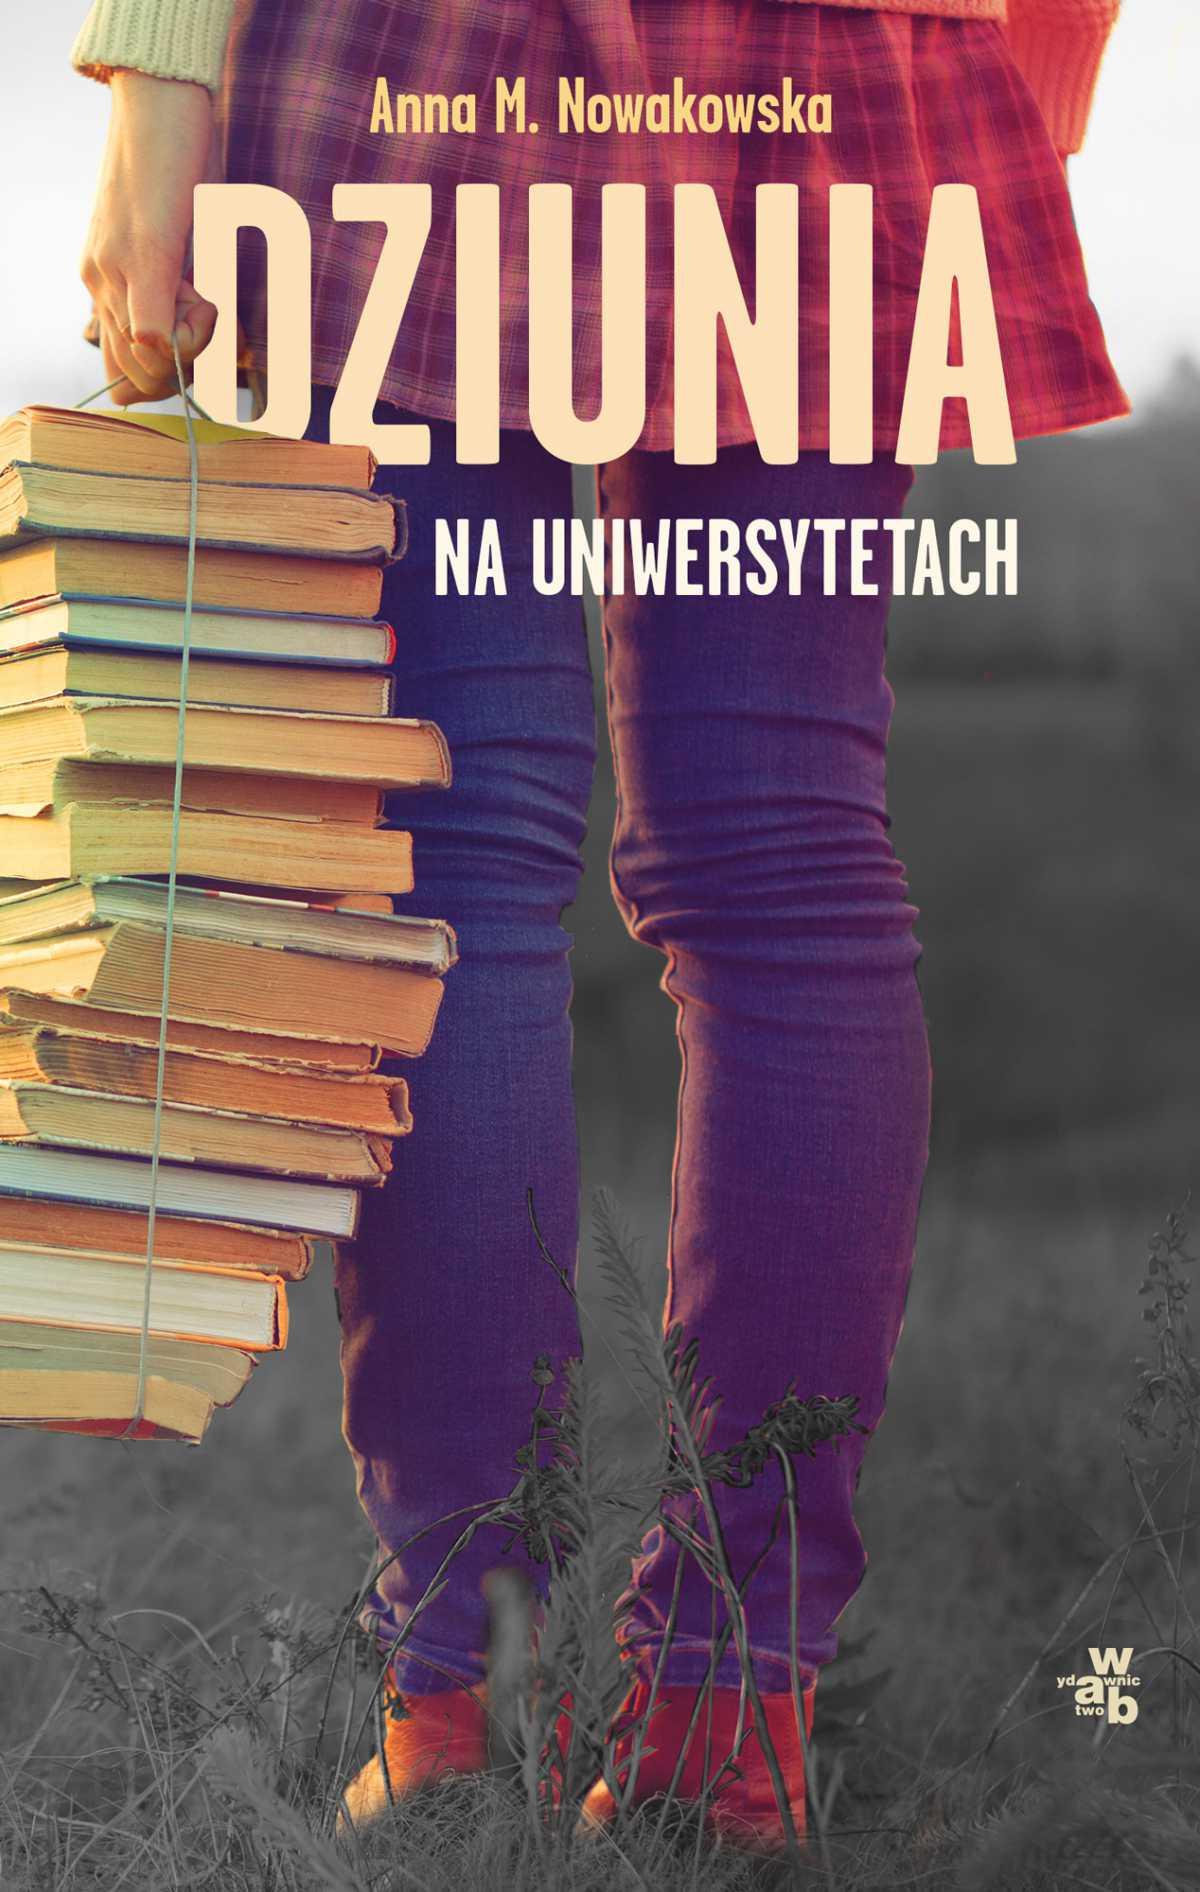 Dziunia na uniwersytetach - Ebook (Książka EPUB) do pobrania w formacie EPUB